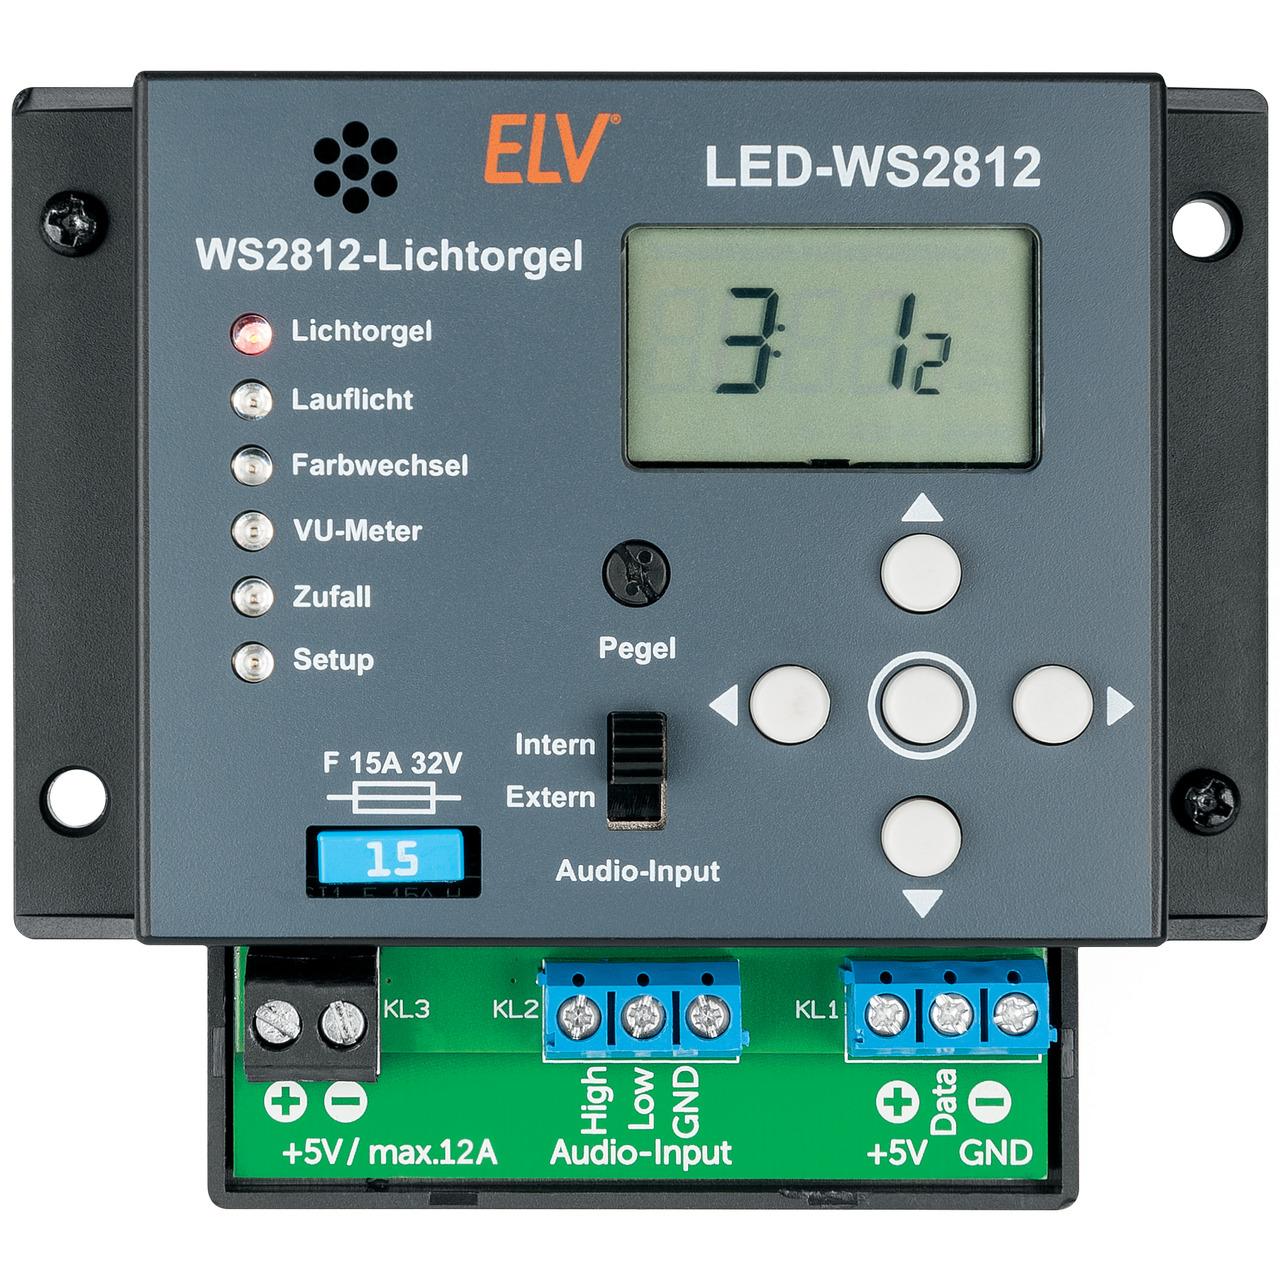 ELV Bausatz Lichtorgel LED-WS2812